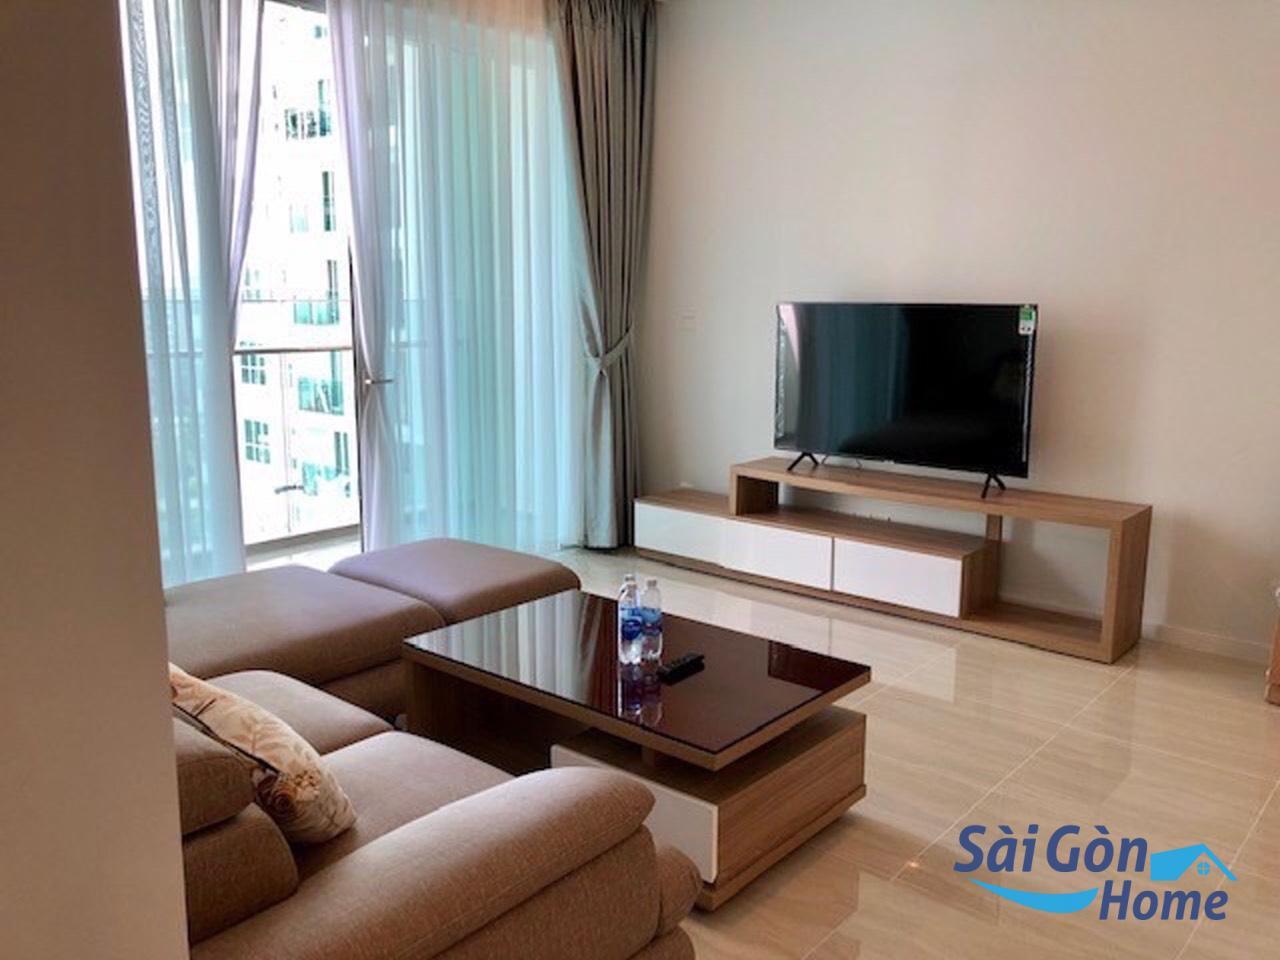 Sadora sala 3 phòng 120m2. full nội thất, view đẹp giá tốt